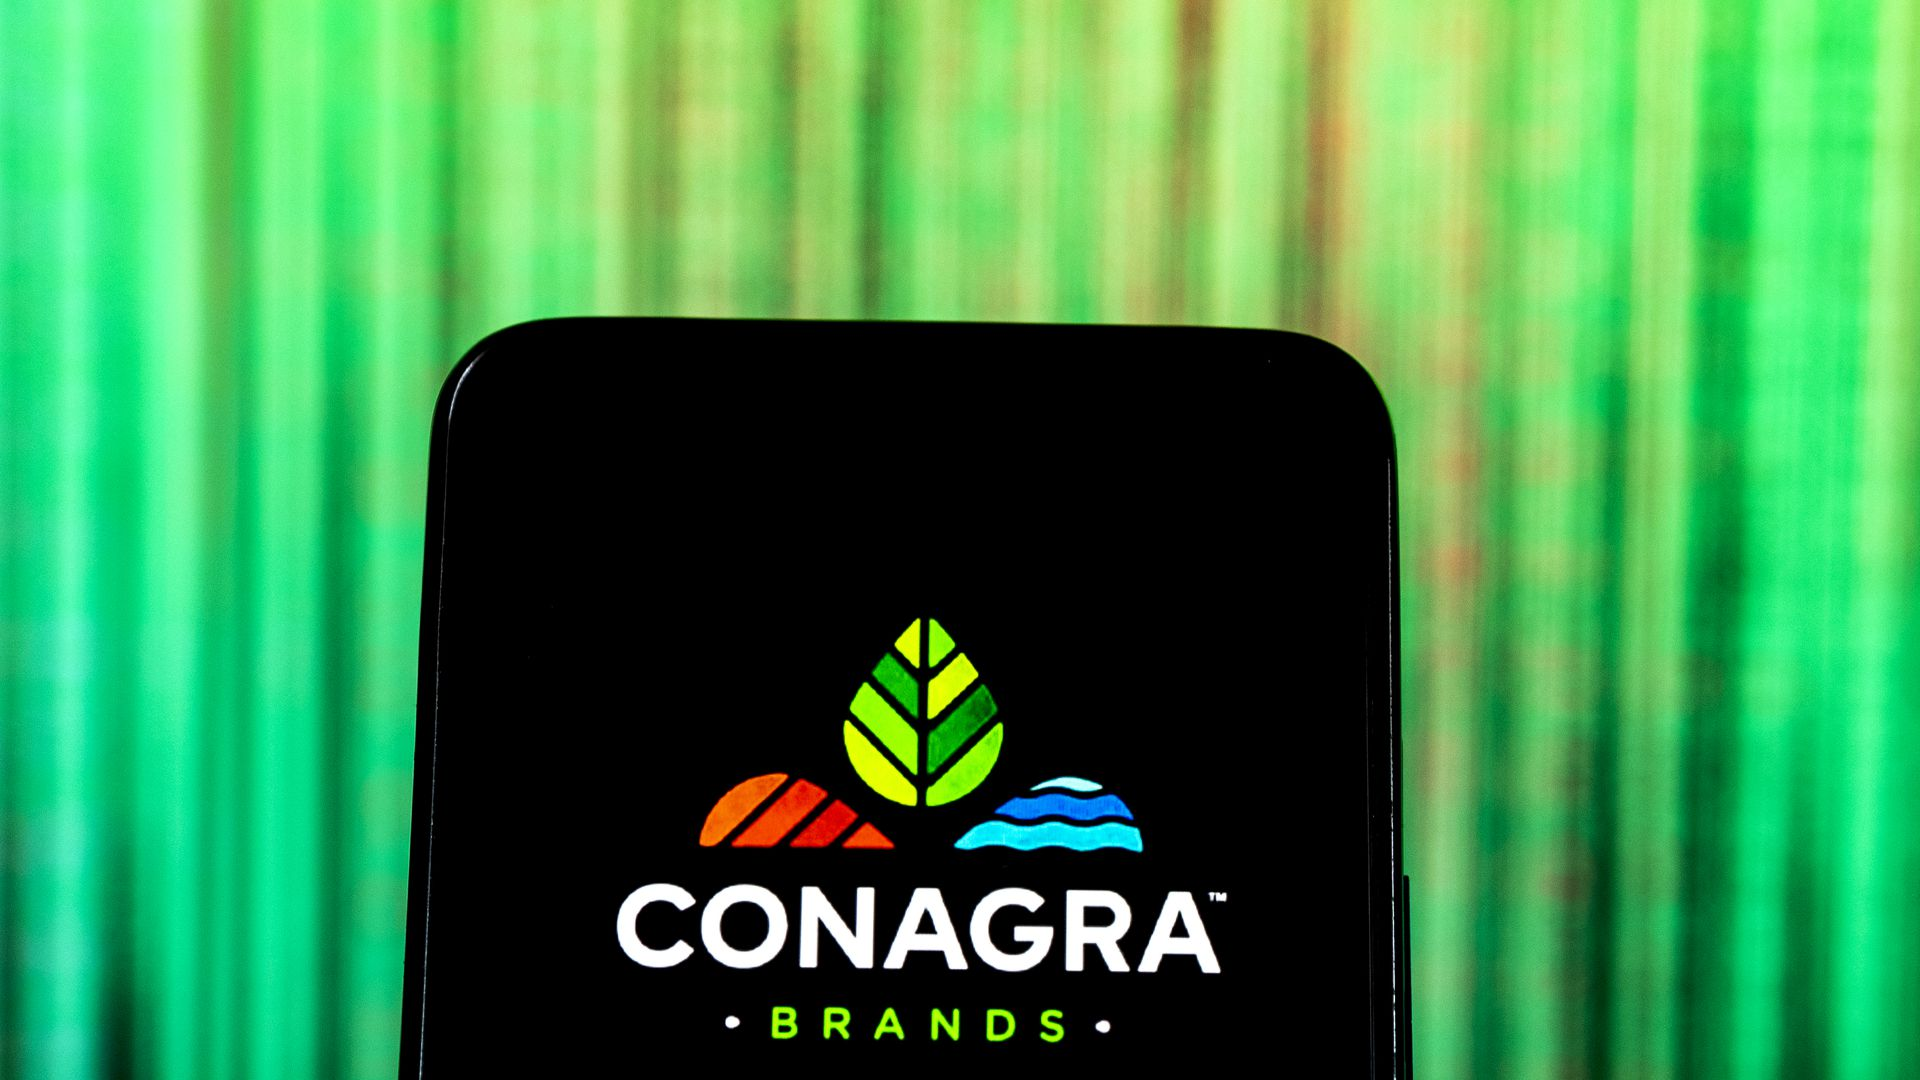 Conagra Brand logo